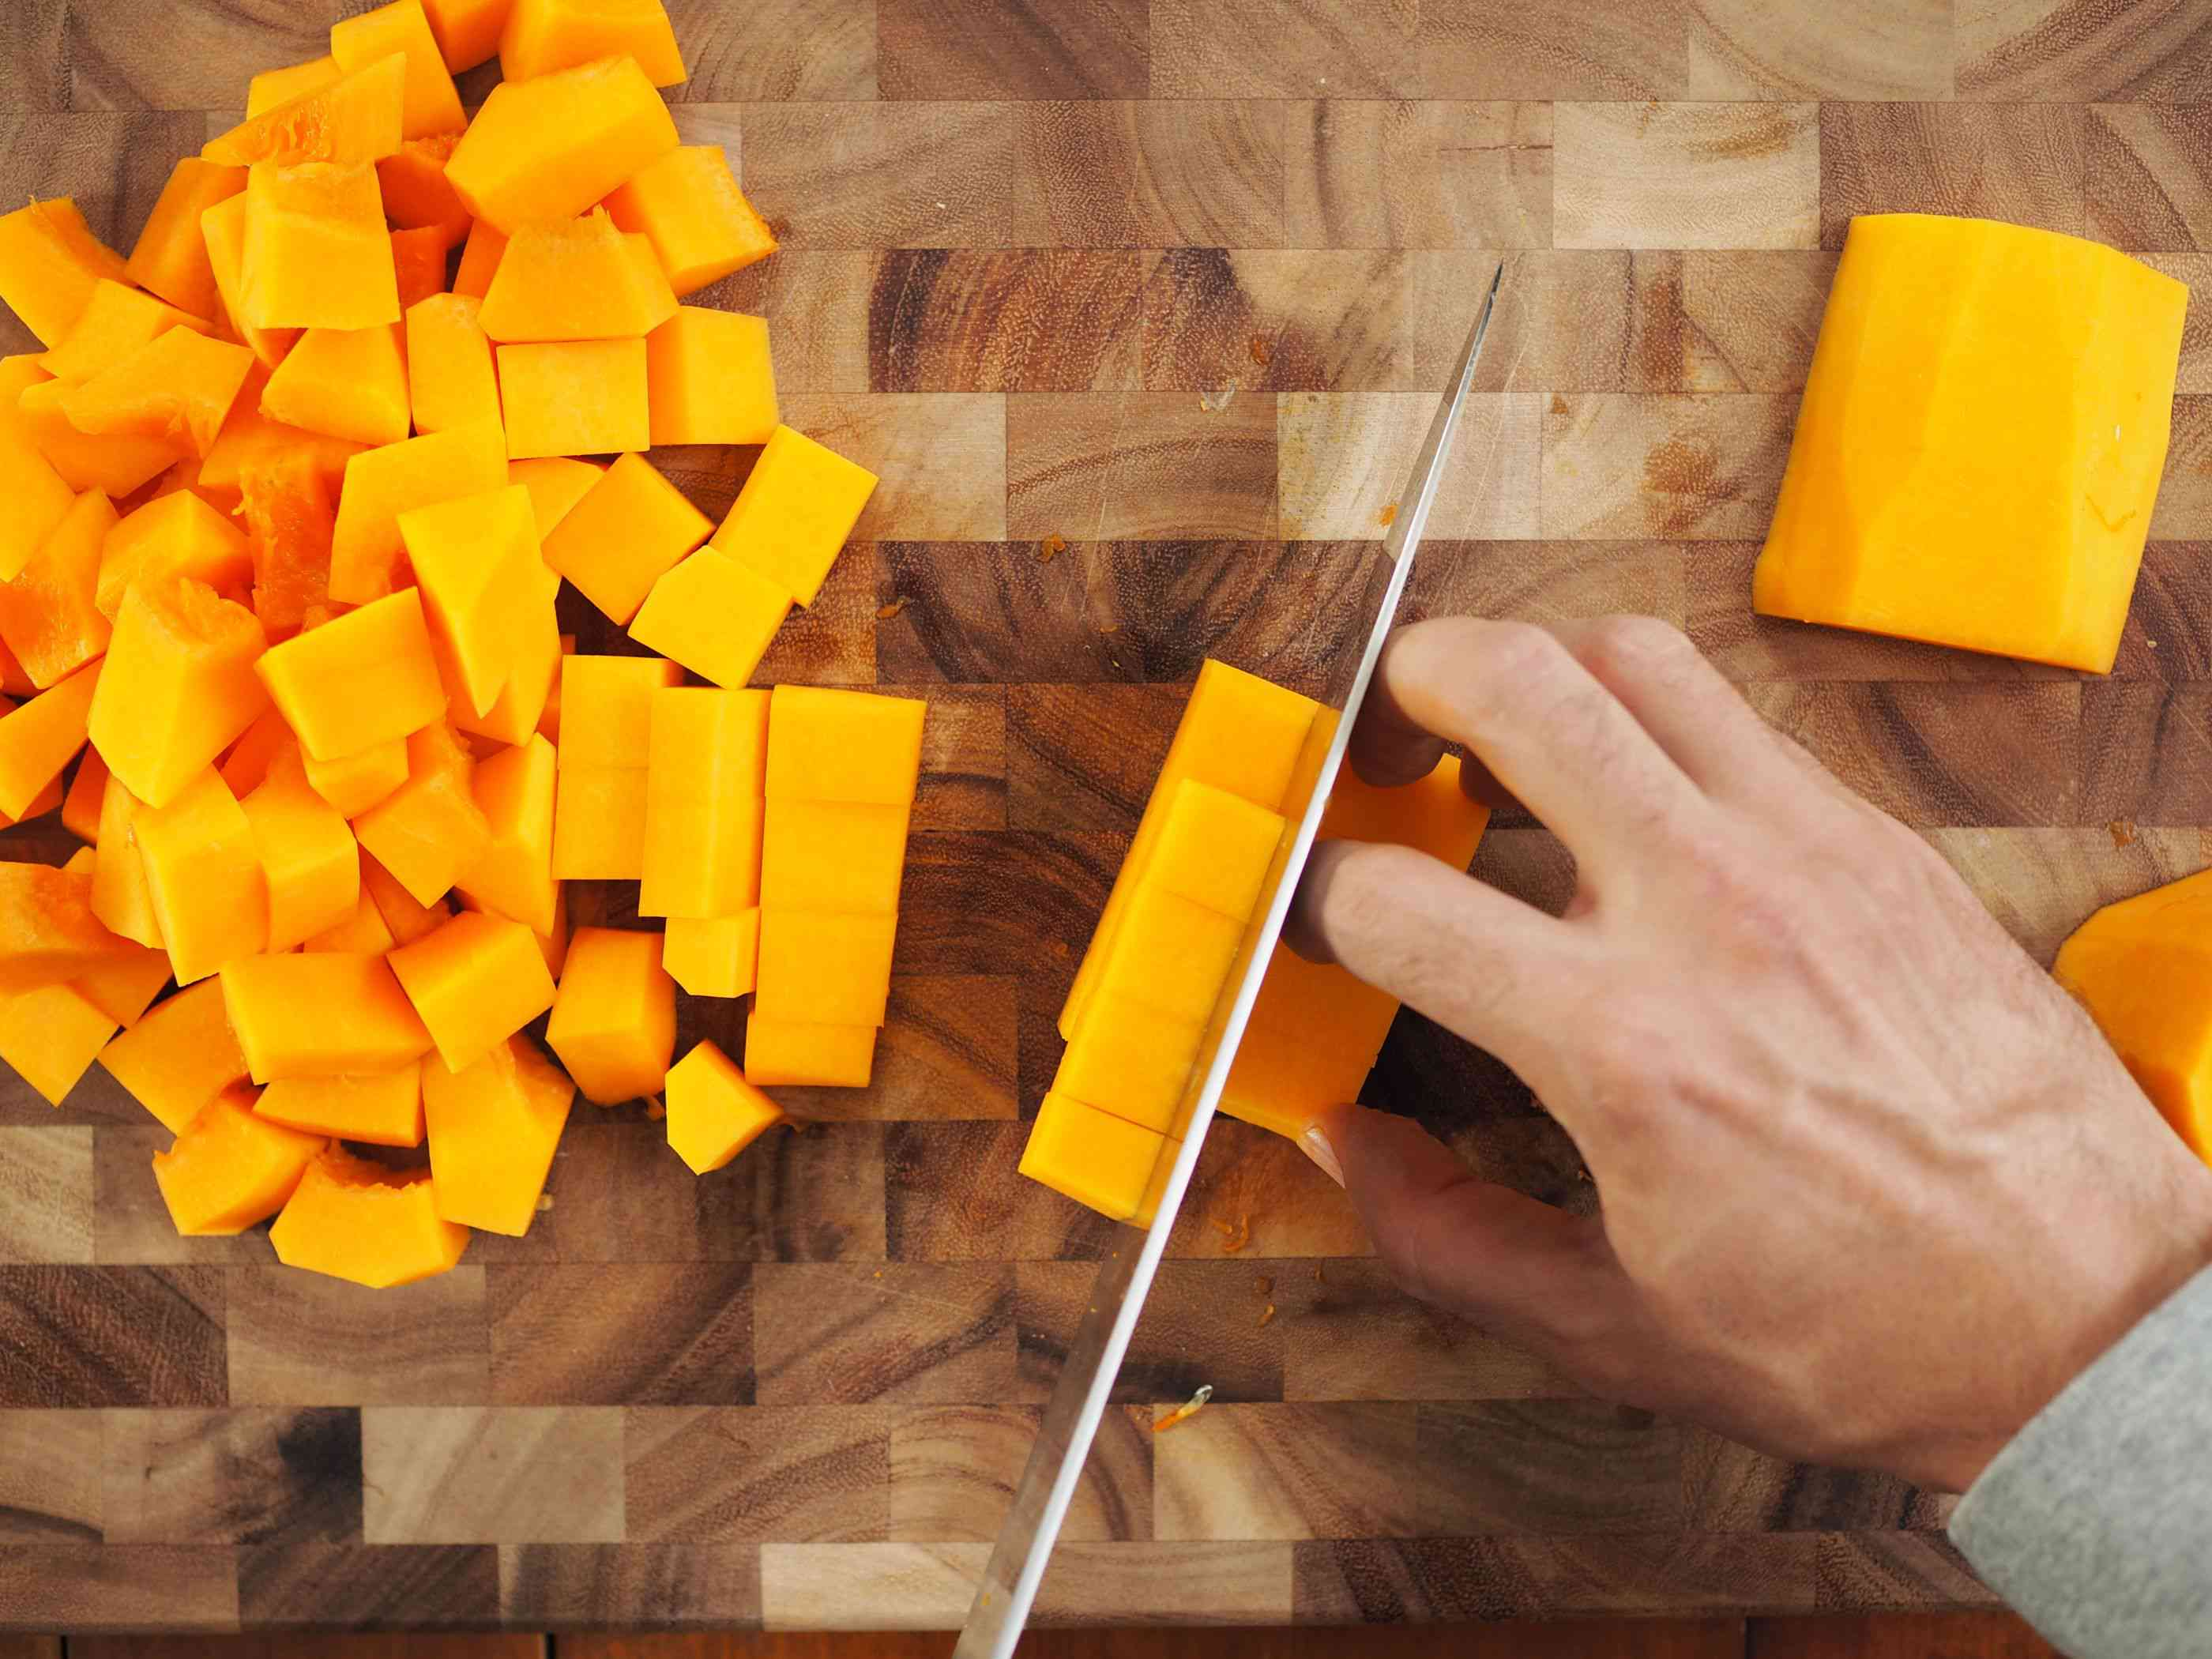 20141008-knife-skills-butternut-squash-daniel-gritzer27.jpg